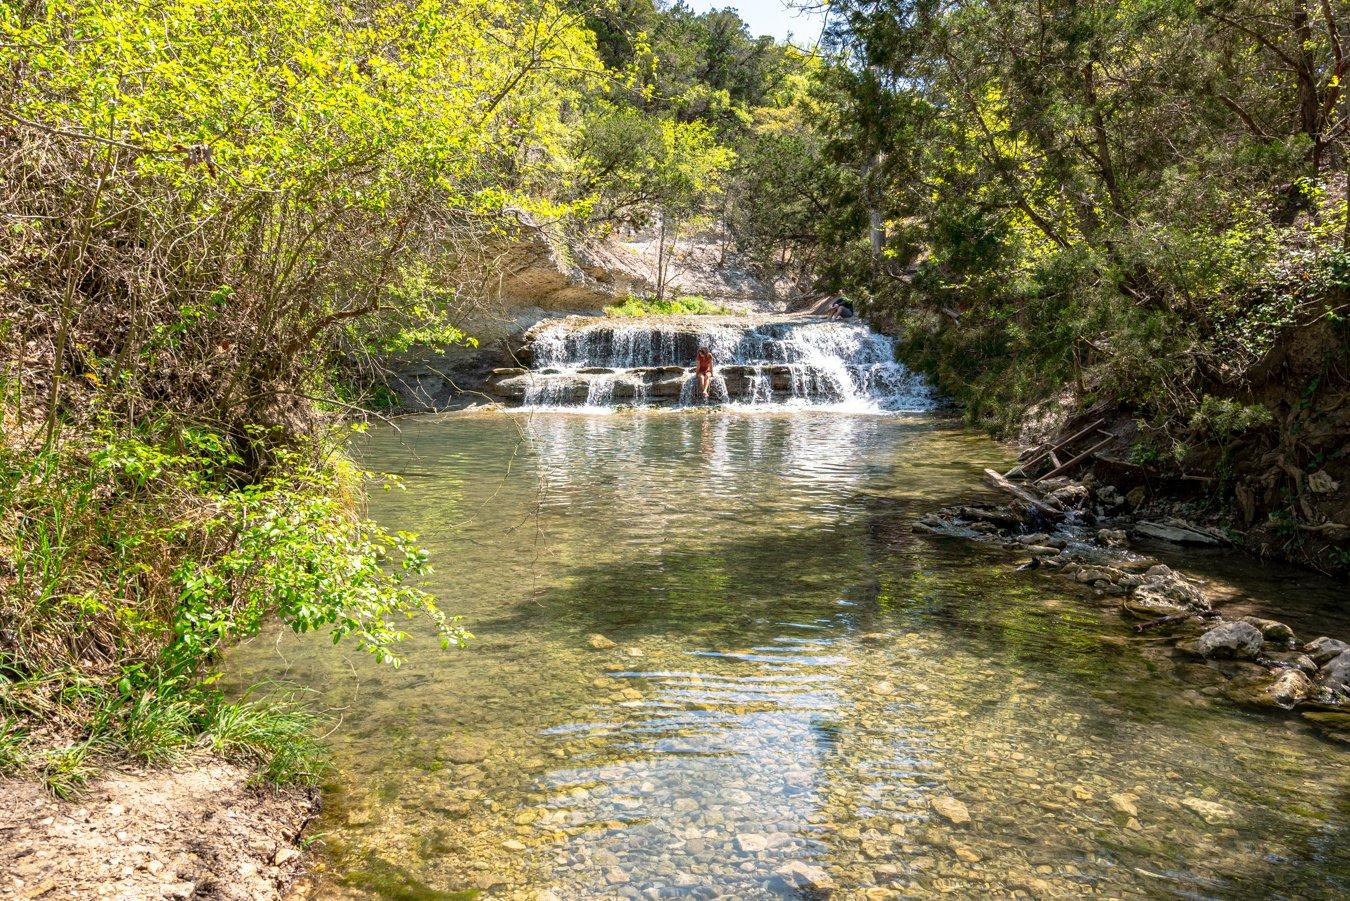 chalk rridge falls near belton in one of the seven regions of texas four